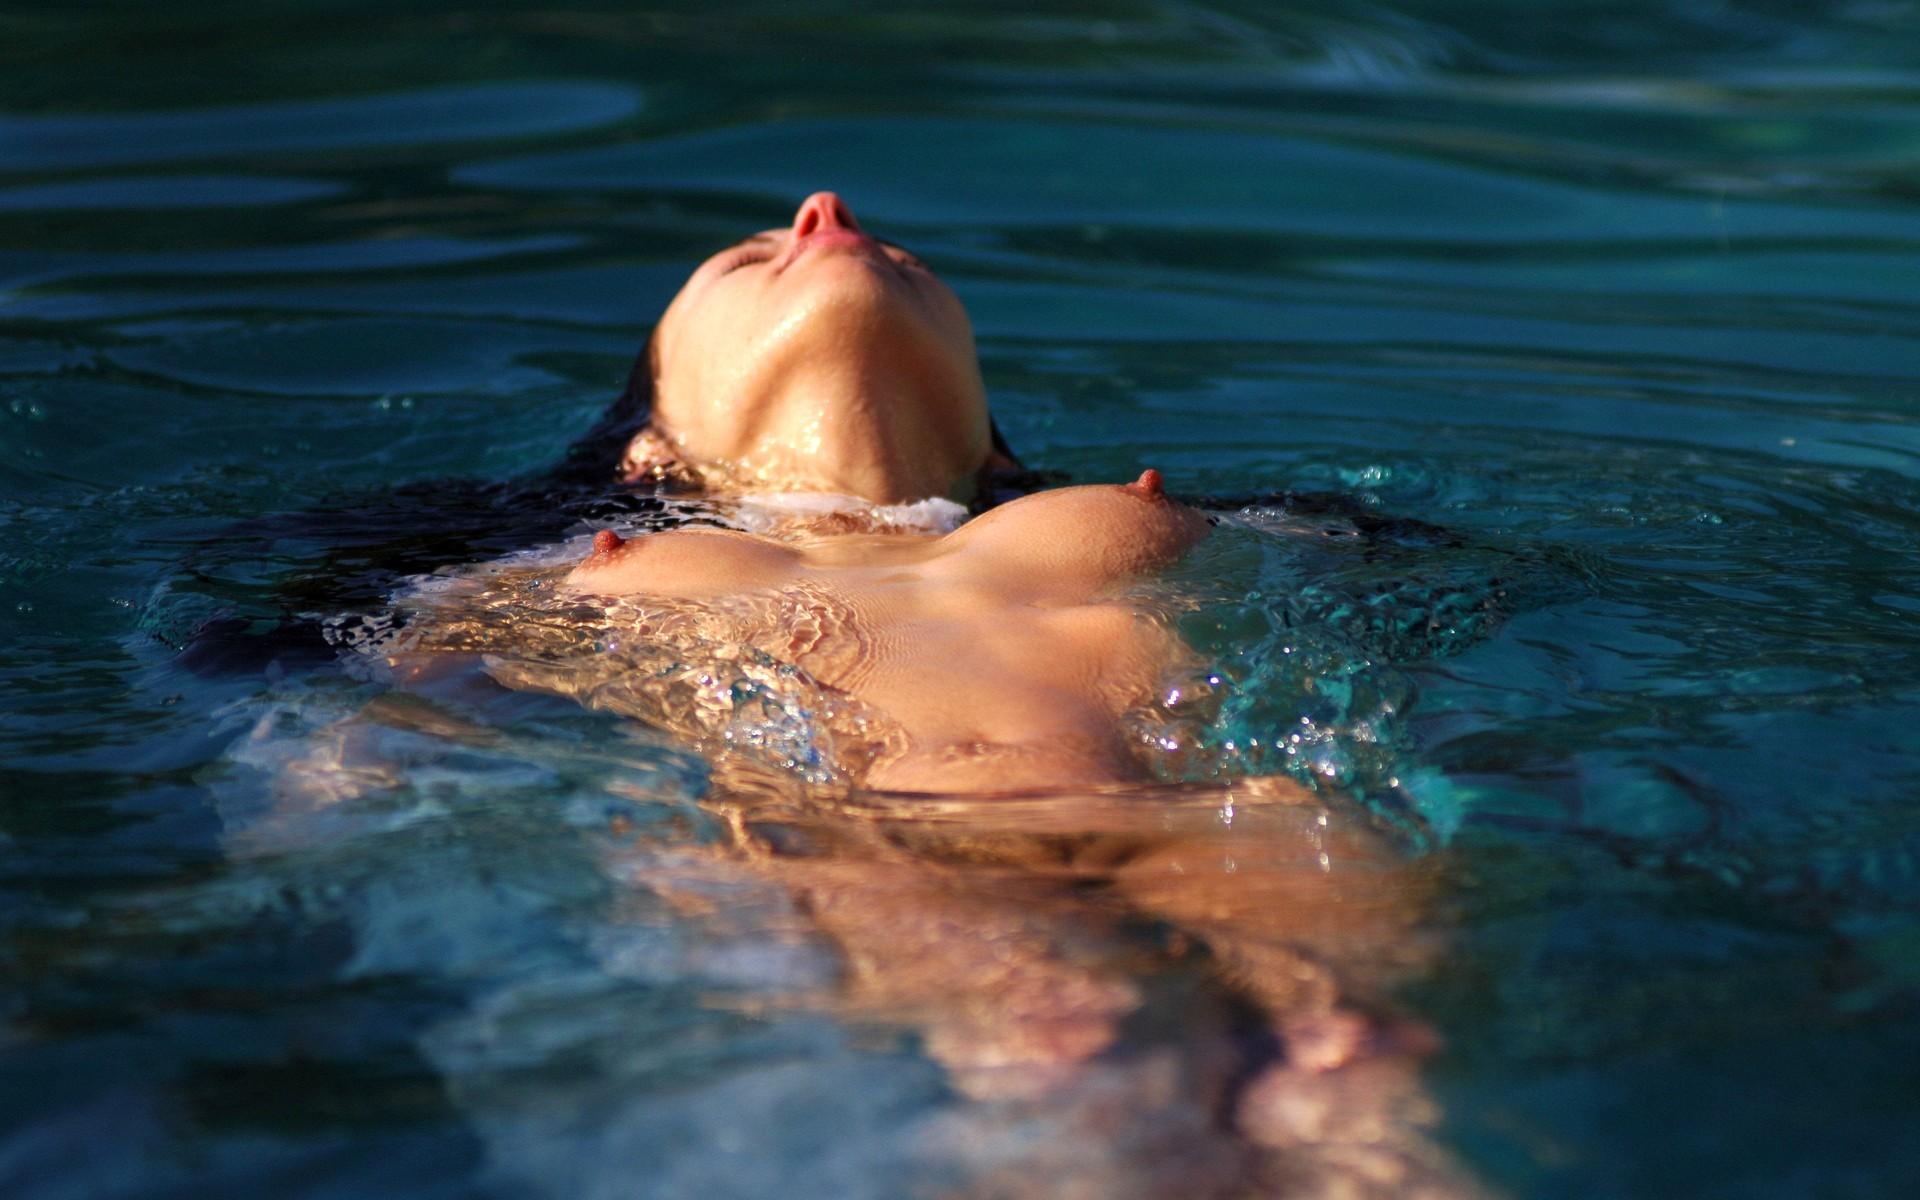 Эротика под водой фото, Голые девушки в бассейнефото в воде и под водой 13 фотография